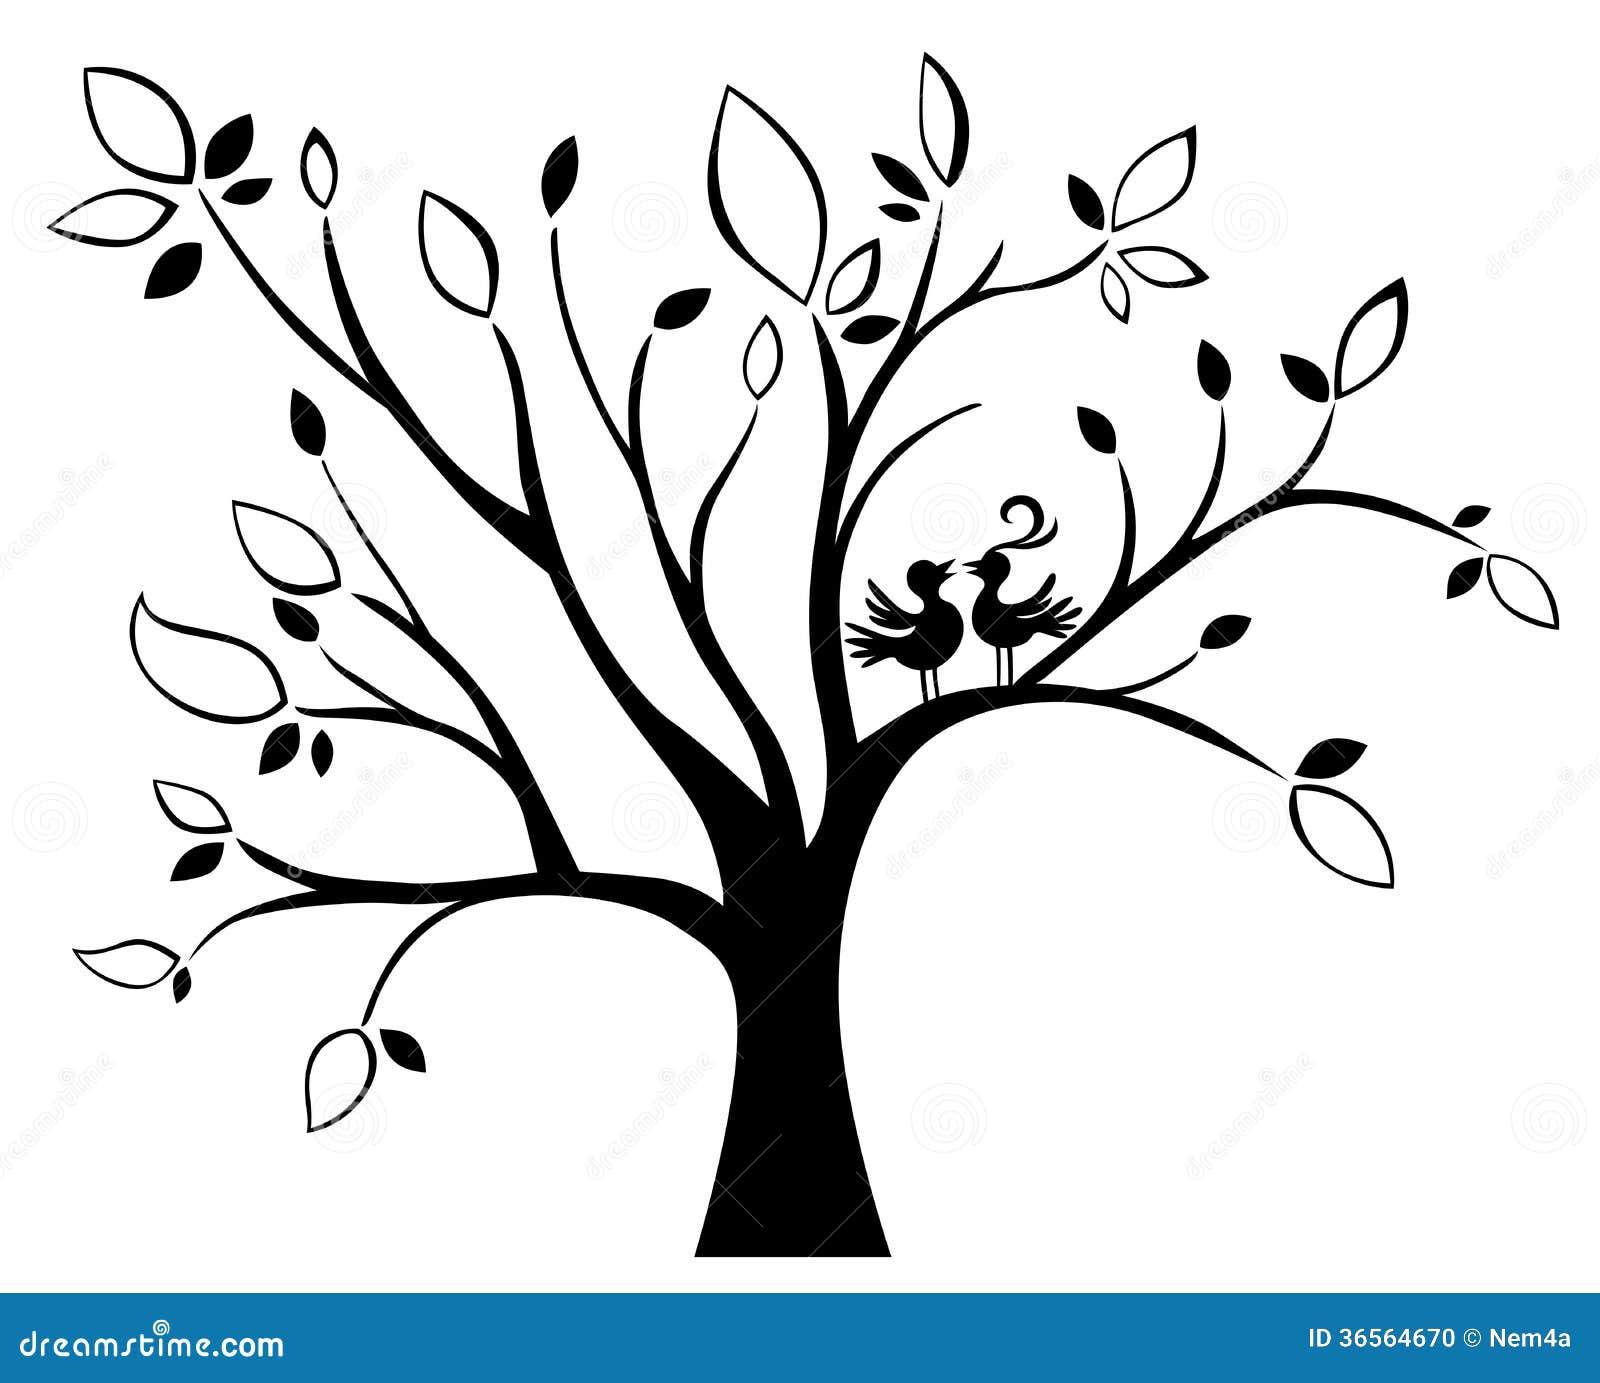 wedding tree stock vector illustration of celebration 36564670. Black Bedroom Furniture Sets. Home Design Ideas